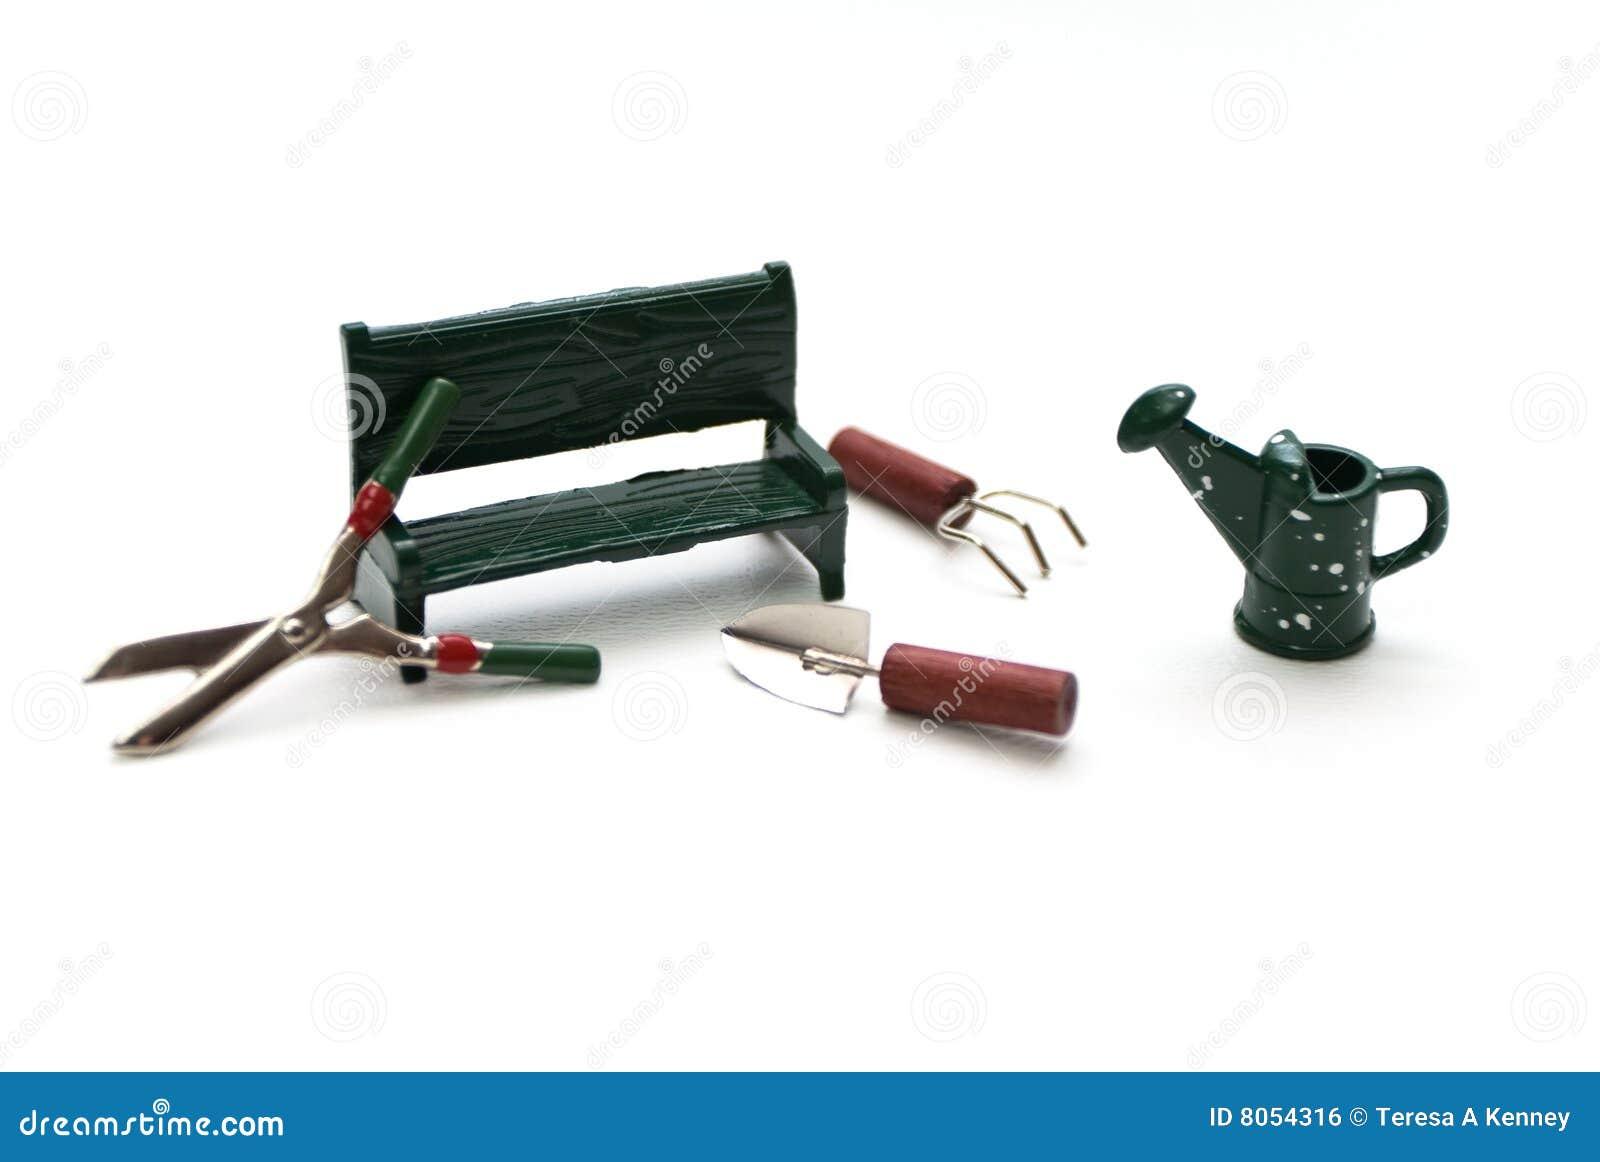 Outils De Miniature De Jardin Photo stock - Image du miniature, vert ...